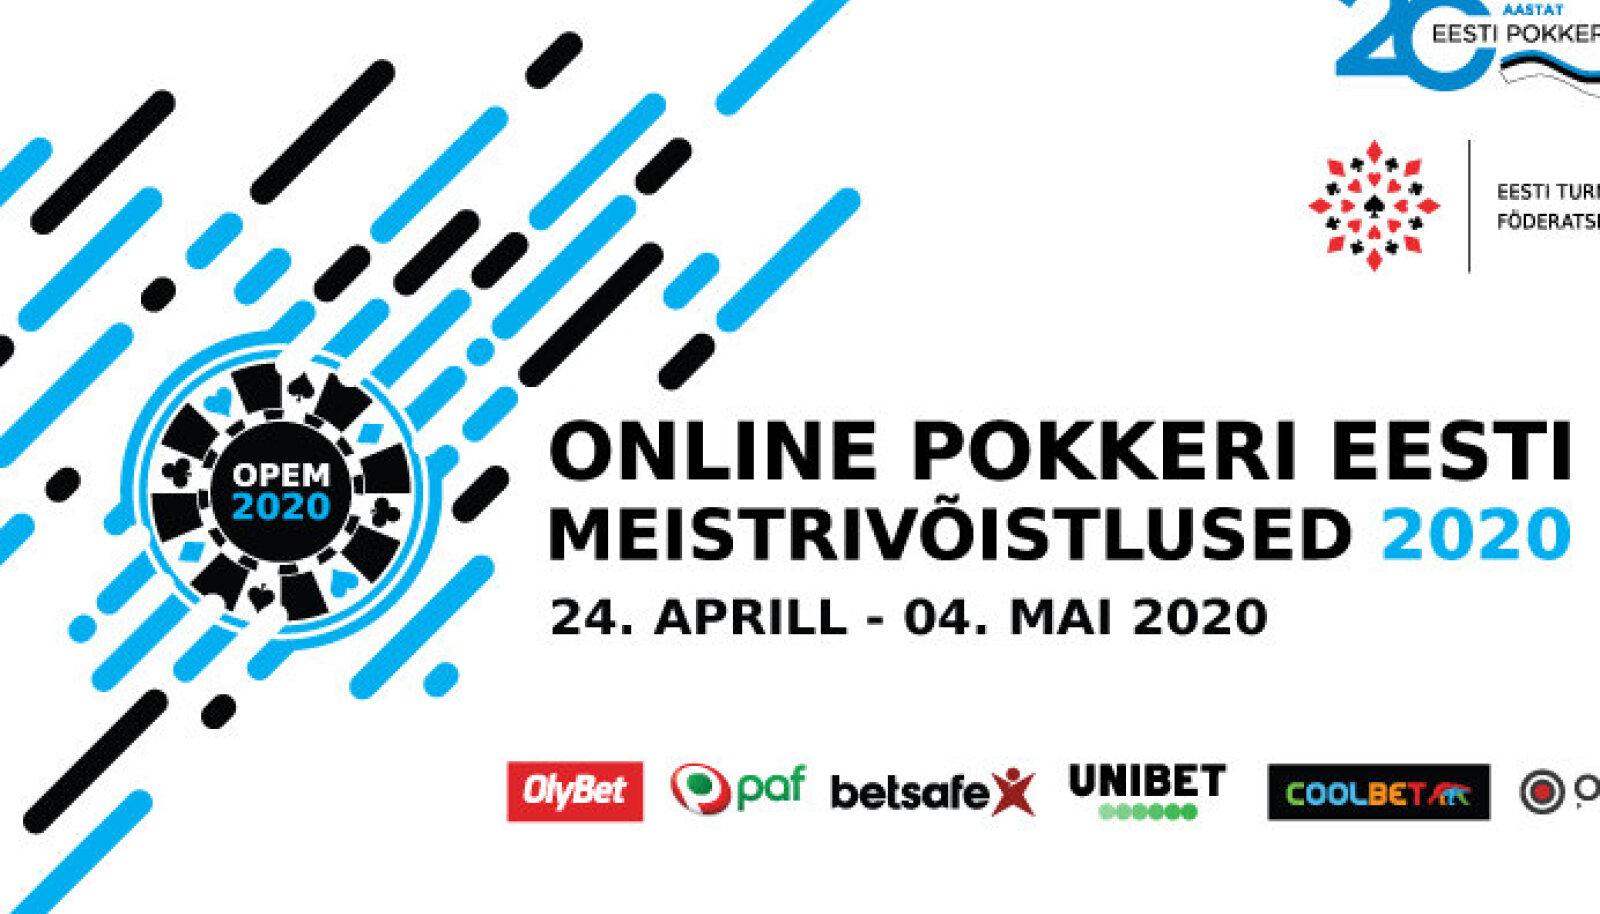 Pokkerimängijad asuvad internetis meistreid selgitama